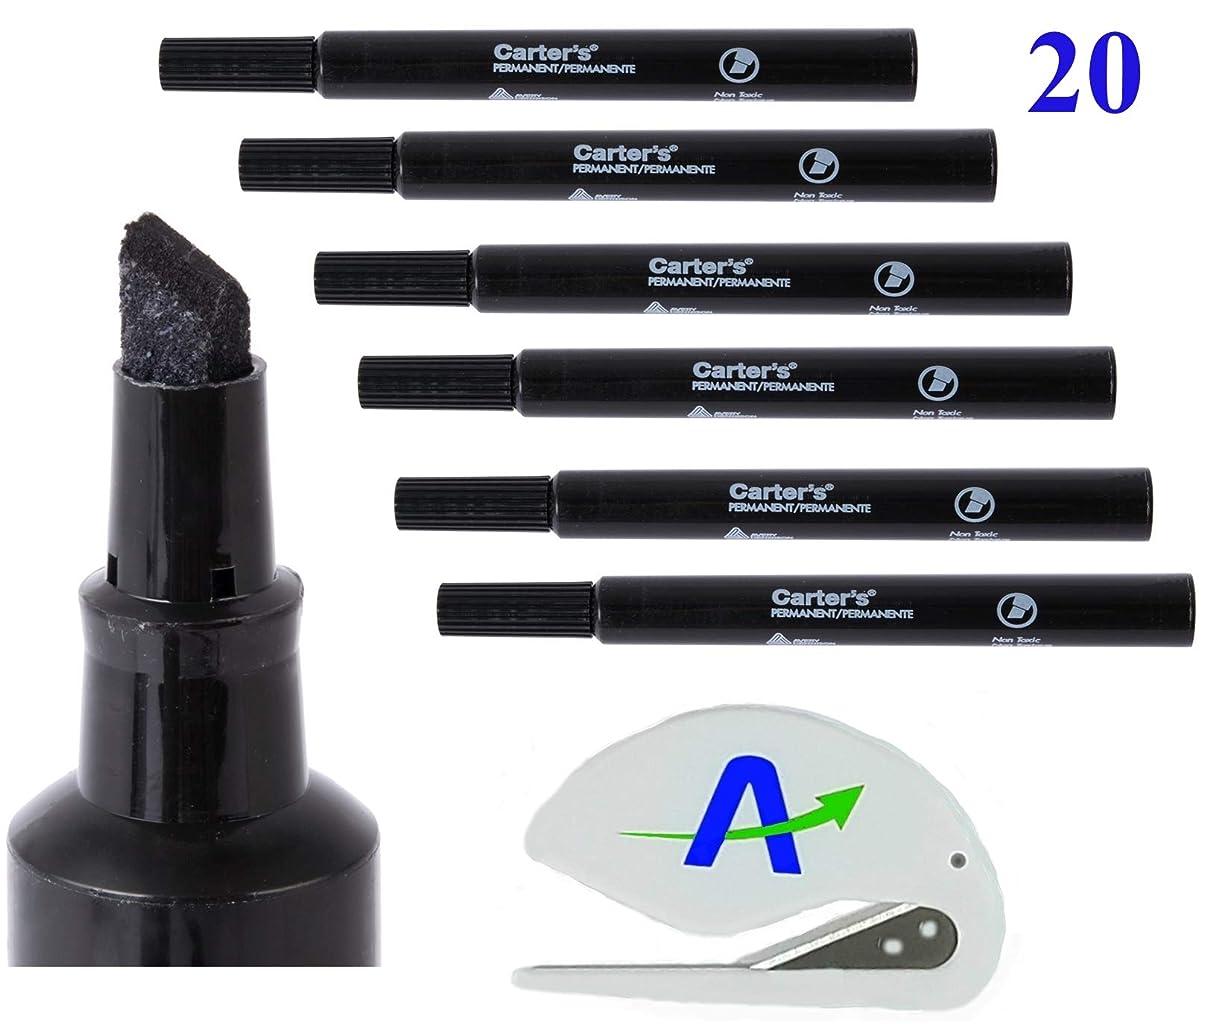 なんでもポーク退屈Avery Carter's 大きなデスクスタイル油性マーカー20本セット 非毒性 低臭 速乾性 カラー:ブラック ボーナスAdvantageOPレターオープナー付き